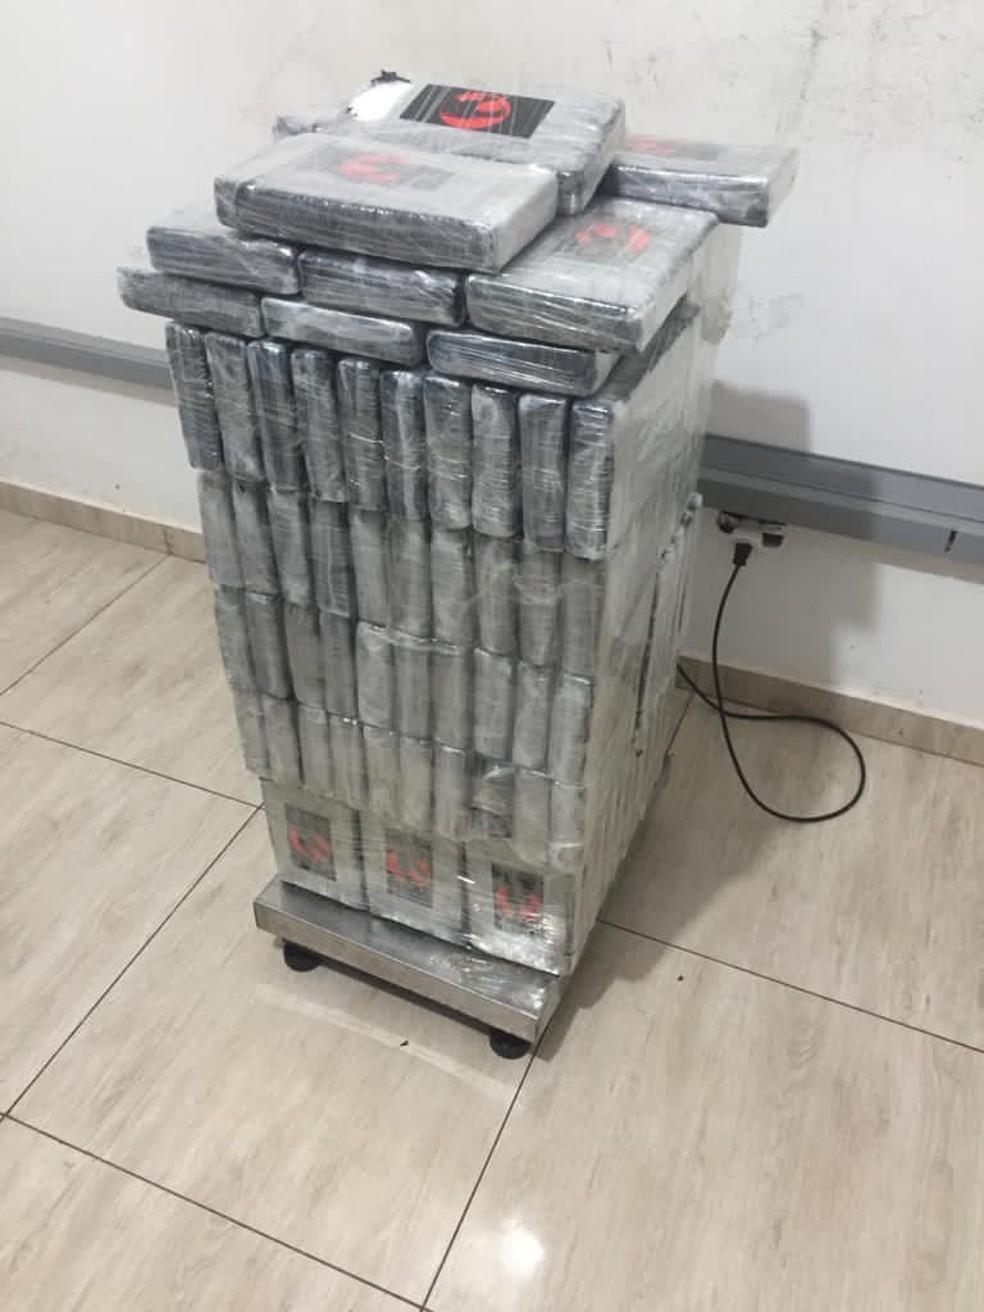 Mais de 130 quilos de cocaína foram apreendidos em Foz do Iguaçu — Foto: PF/Divulgação